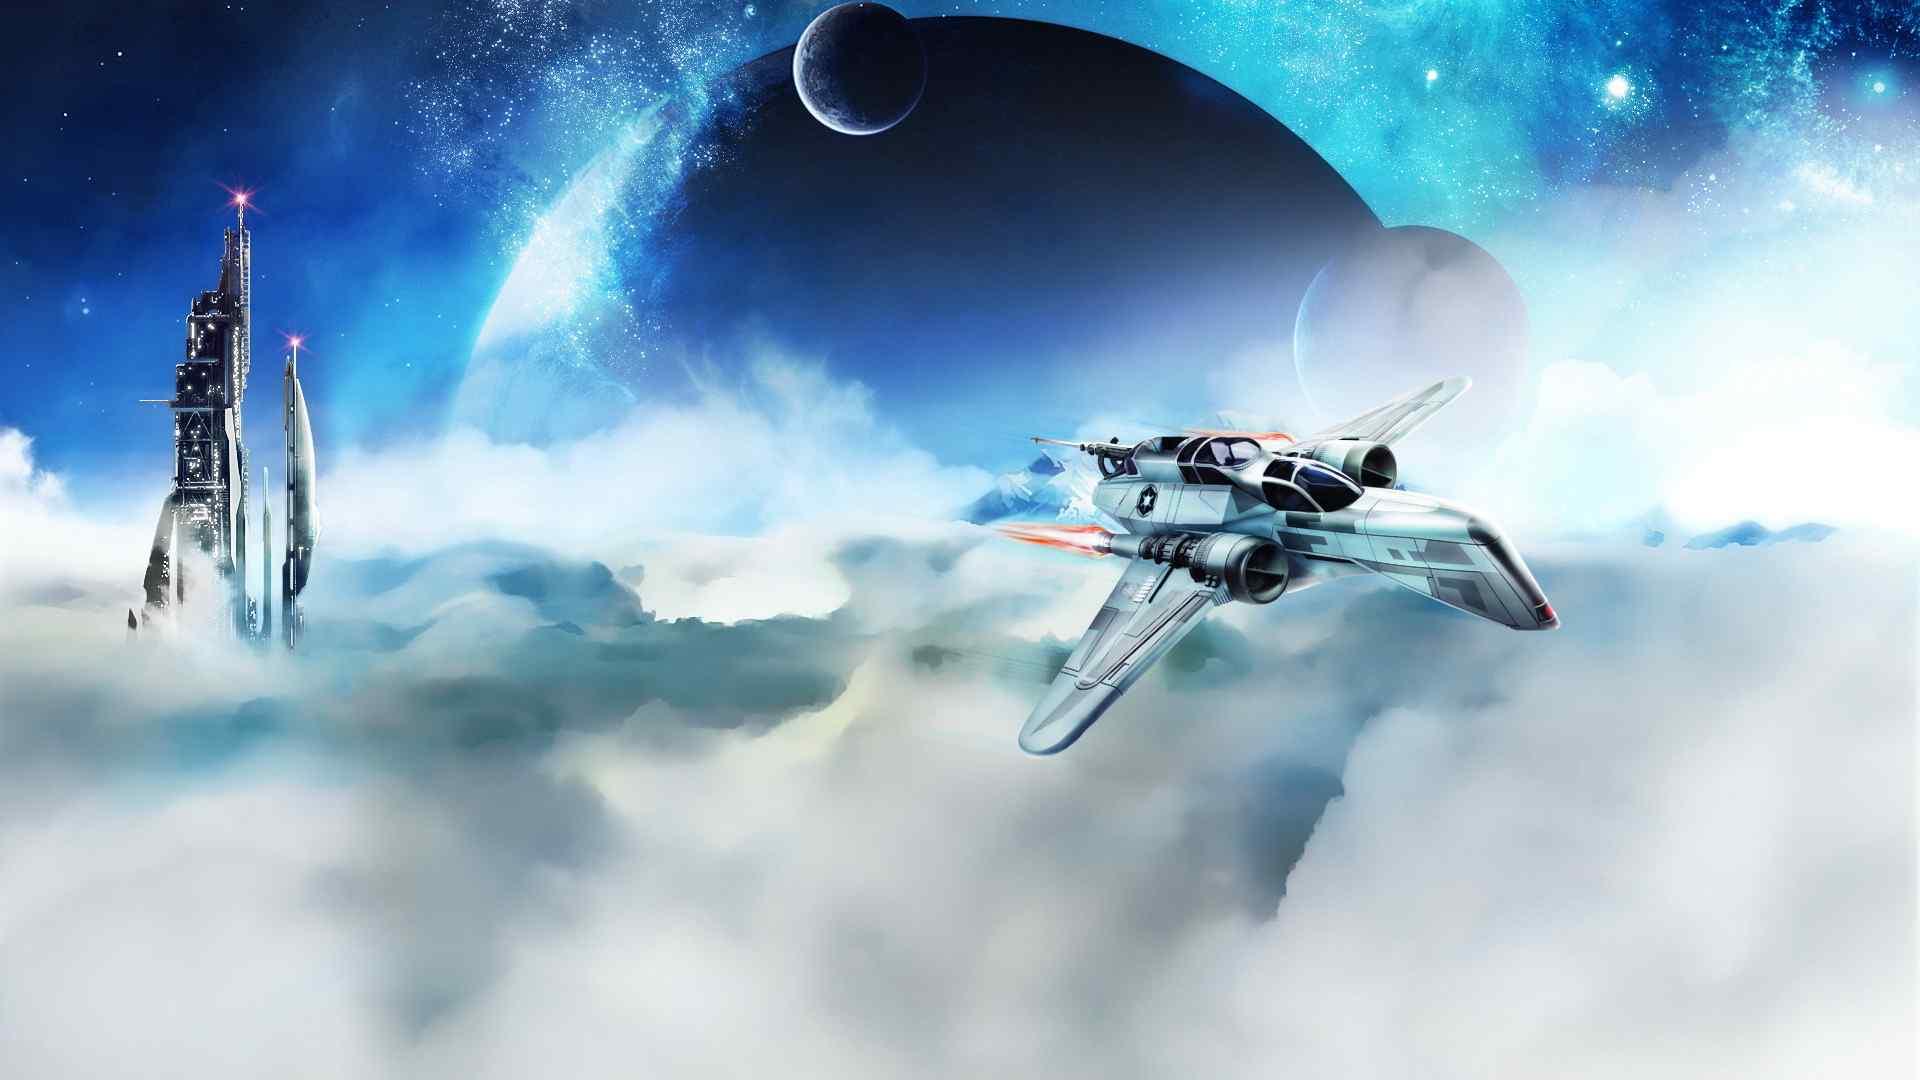 科幻天空战机高清桌面壁纸下载